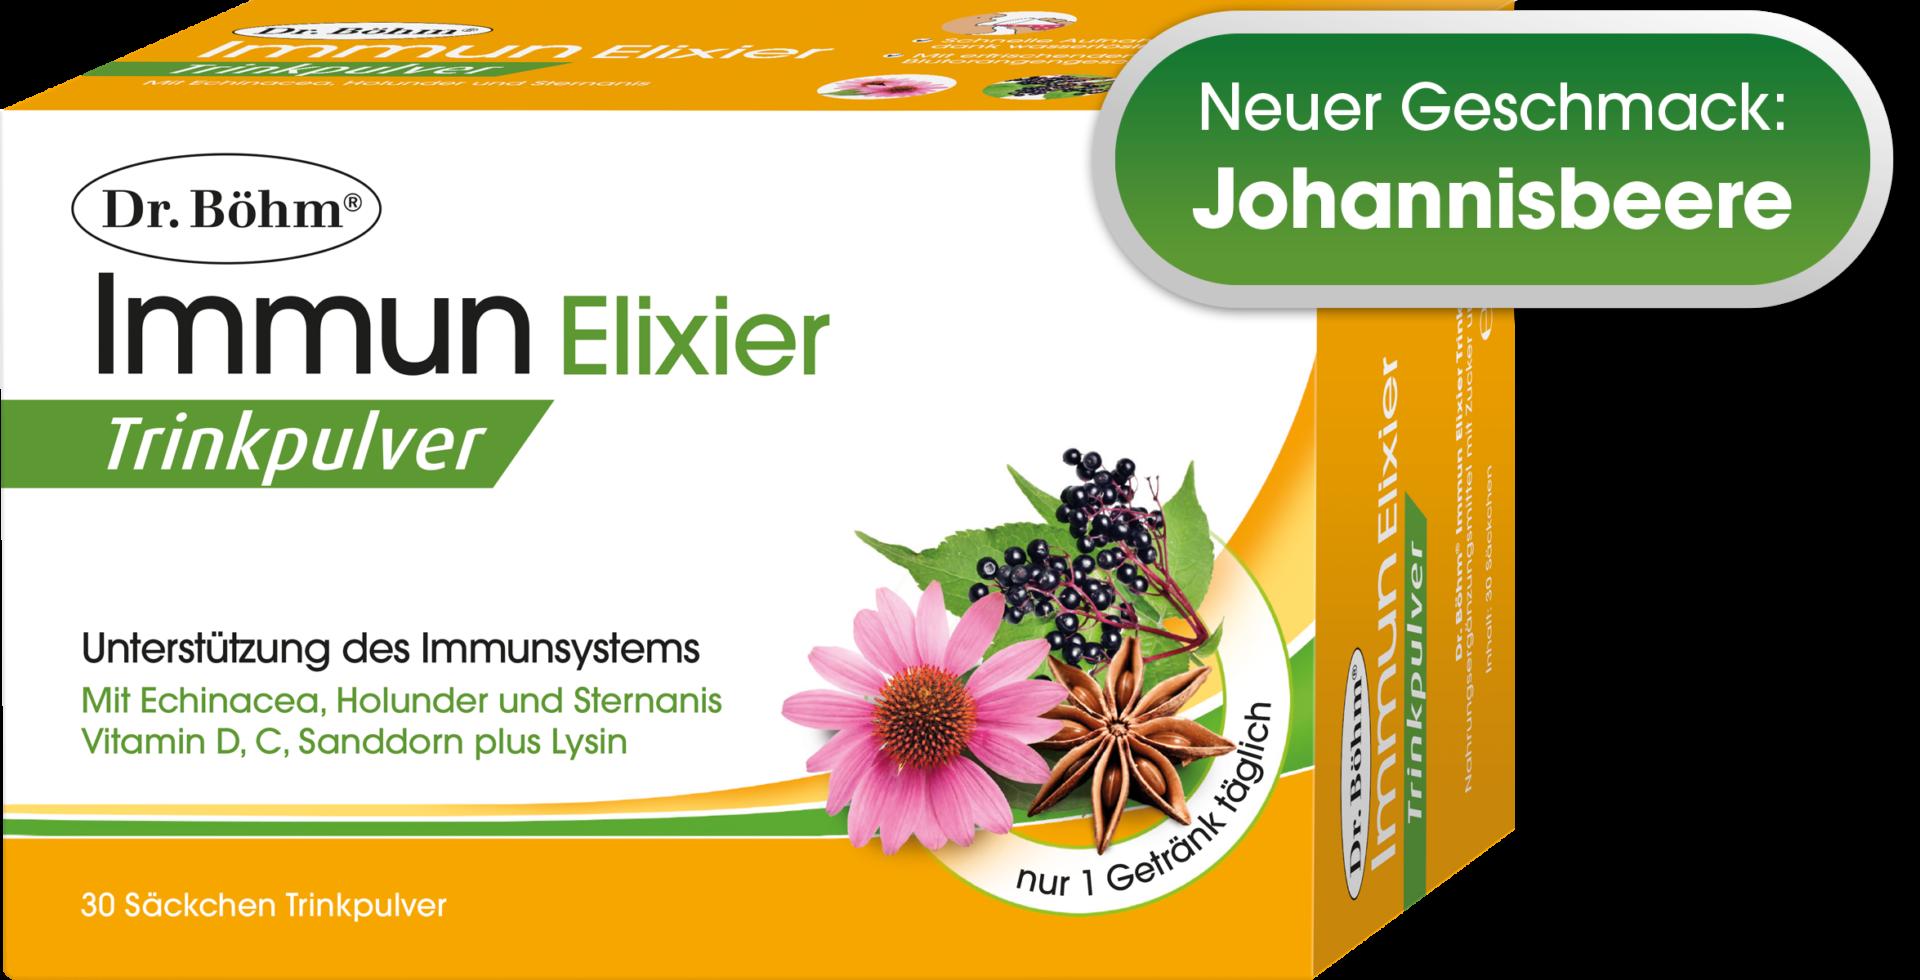 Dr. Böhm® Immun Elixier Trinkpulver - Unterstützung des Immunsystems durch Pflanzenkraft